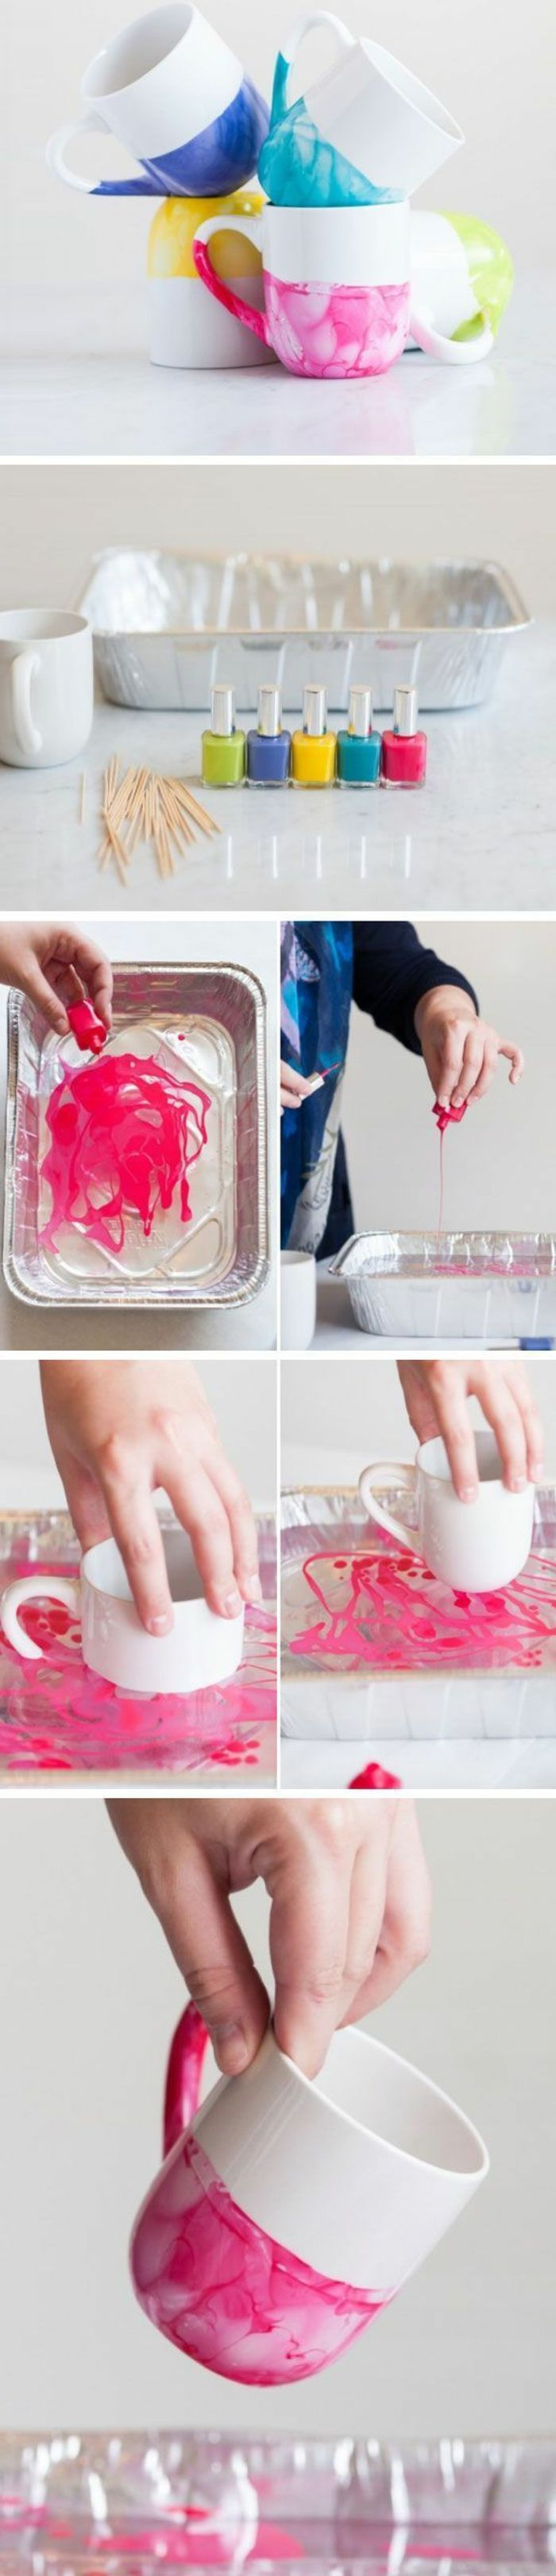 cadeau fête des mères à fabriquer, des tasses à thé customisés, vernis à ongles dans de l eau, projet bricolage cadeau